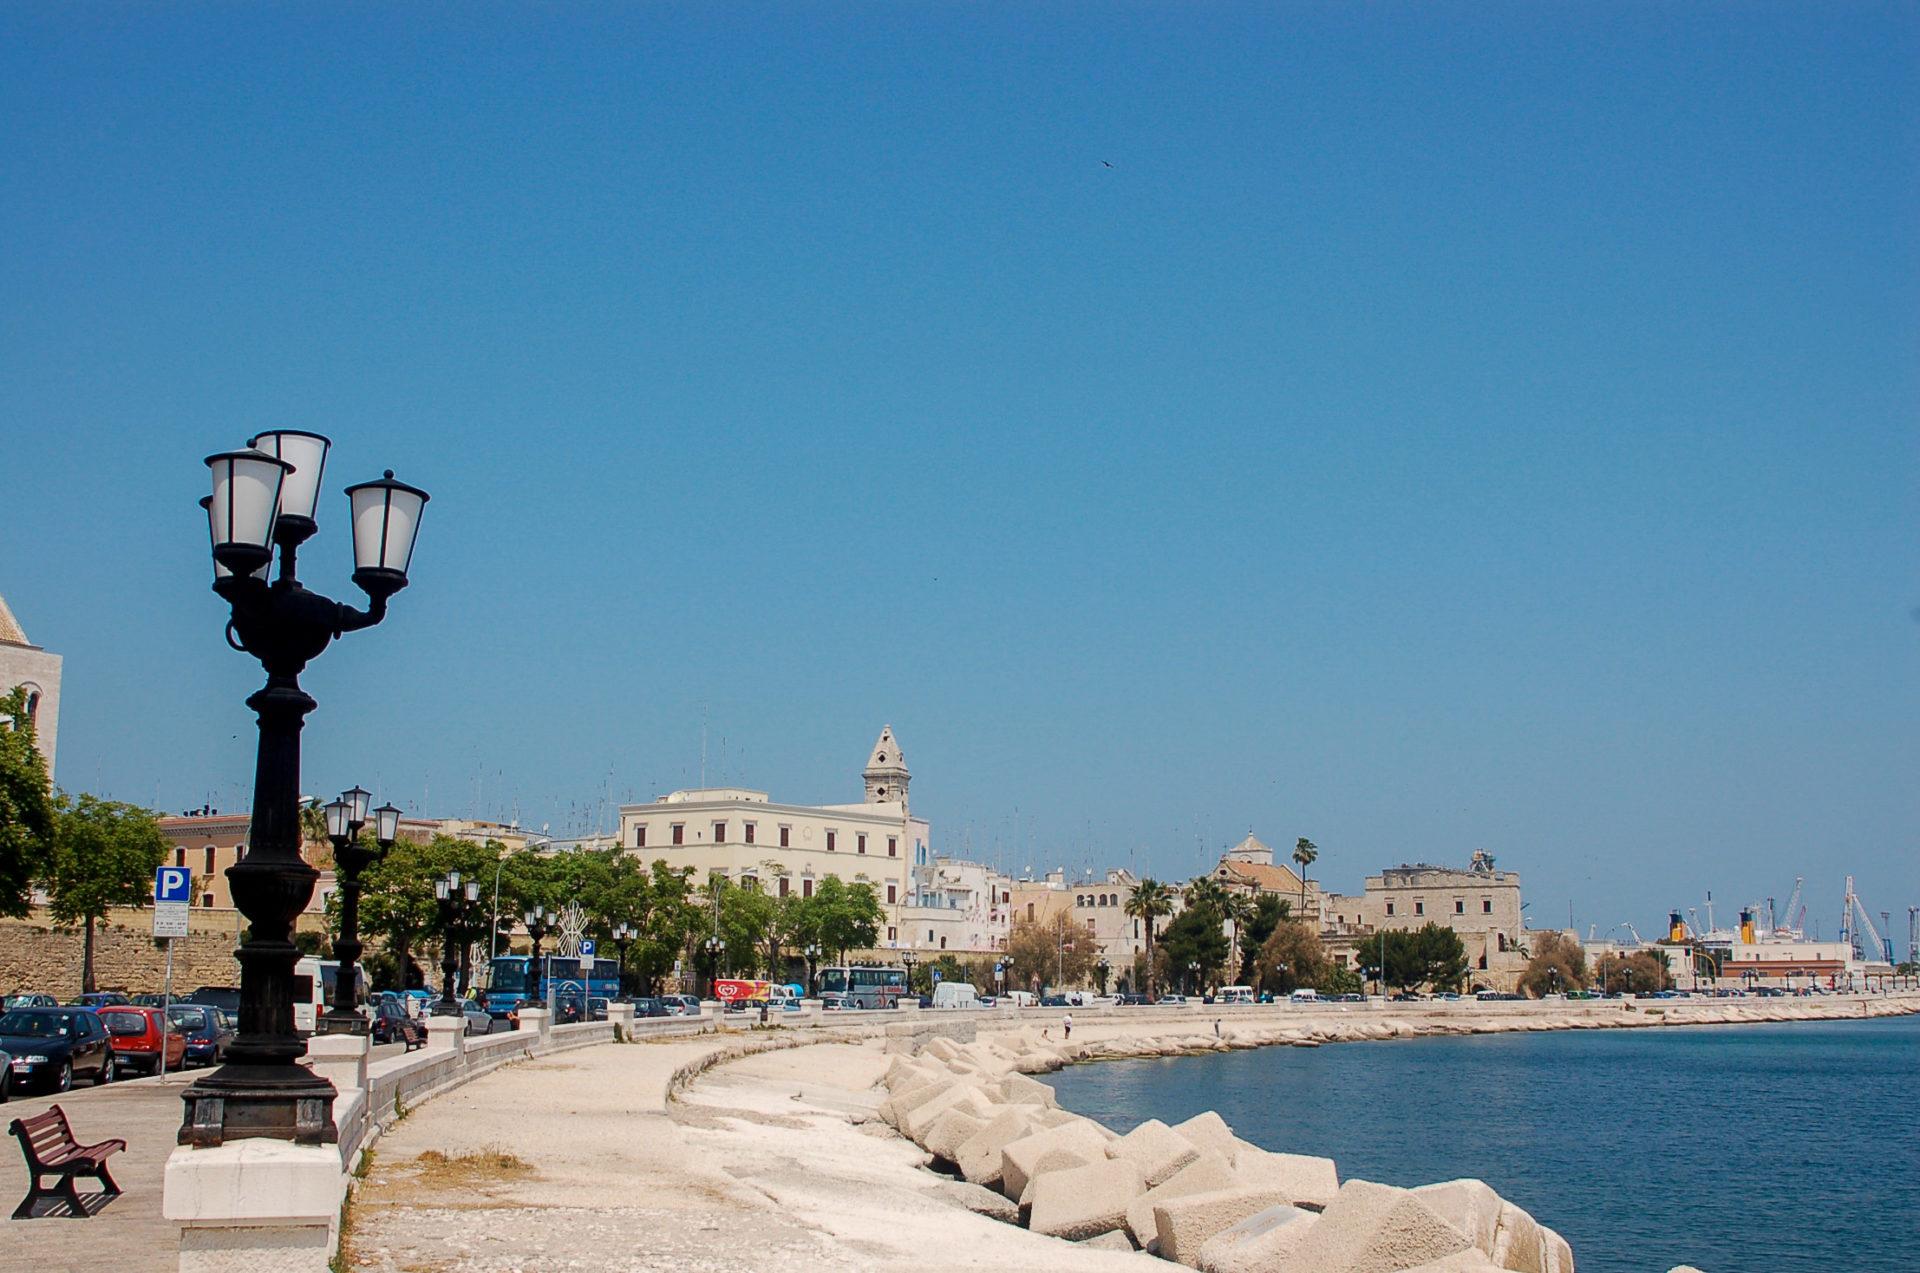 Die Uferpromenade von Bari in Apulien ist gut geeignet für ein Gläschen Primitivo